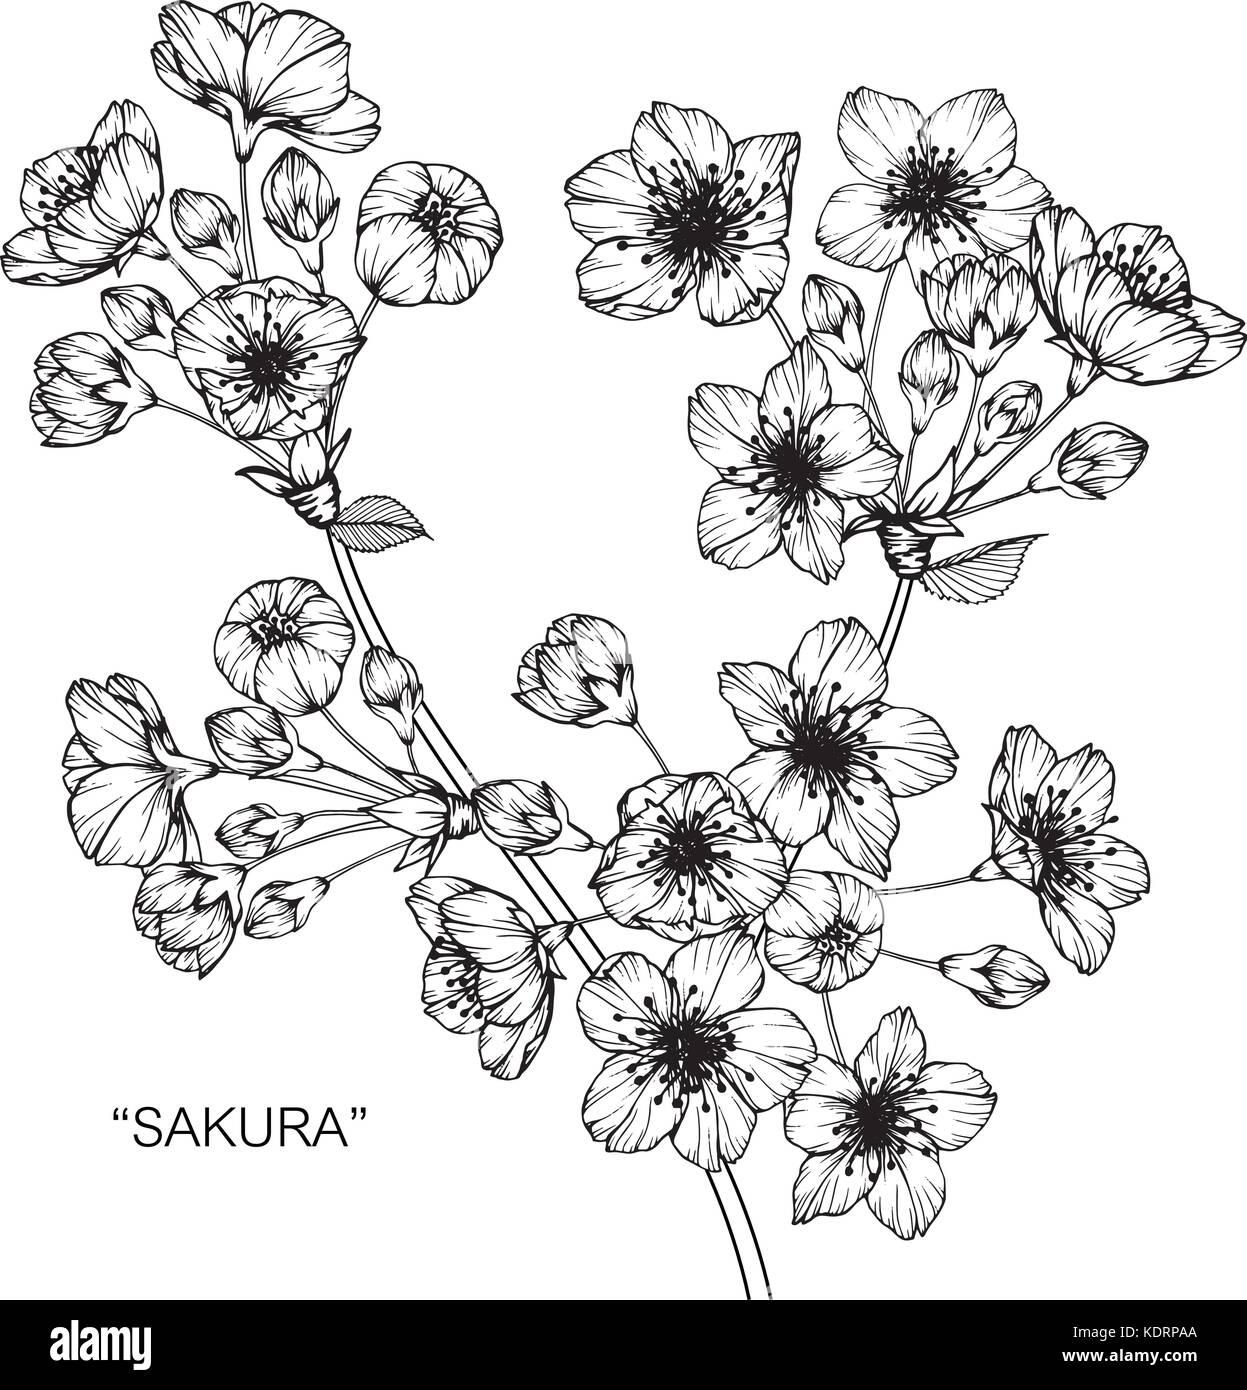 kirsche blüte blume zeichnen abbildung schwarz und weiß